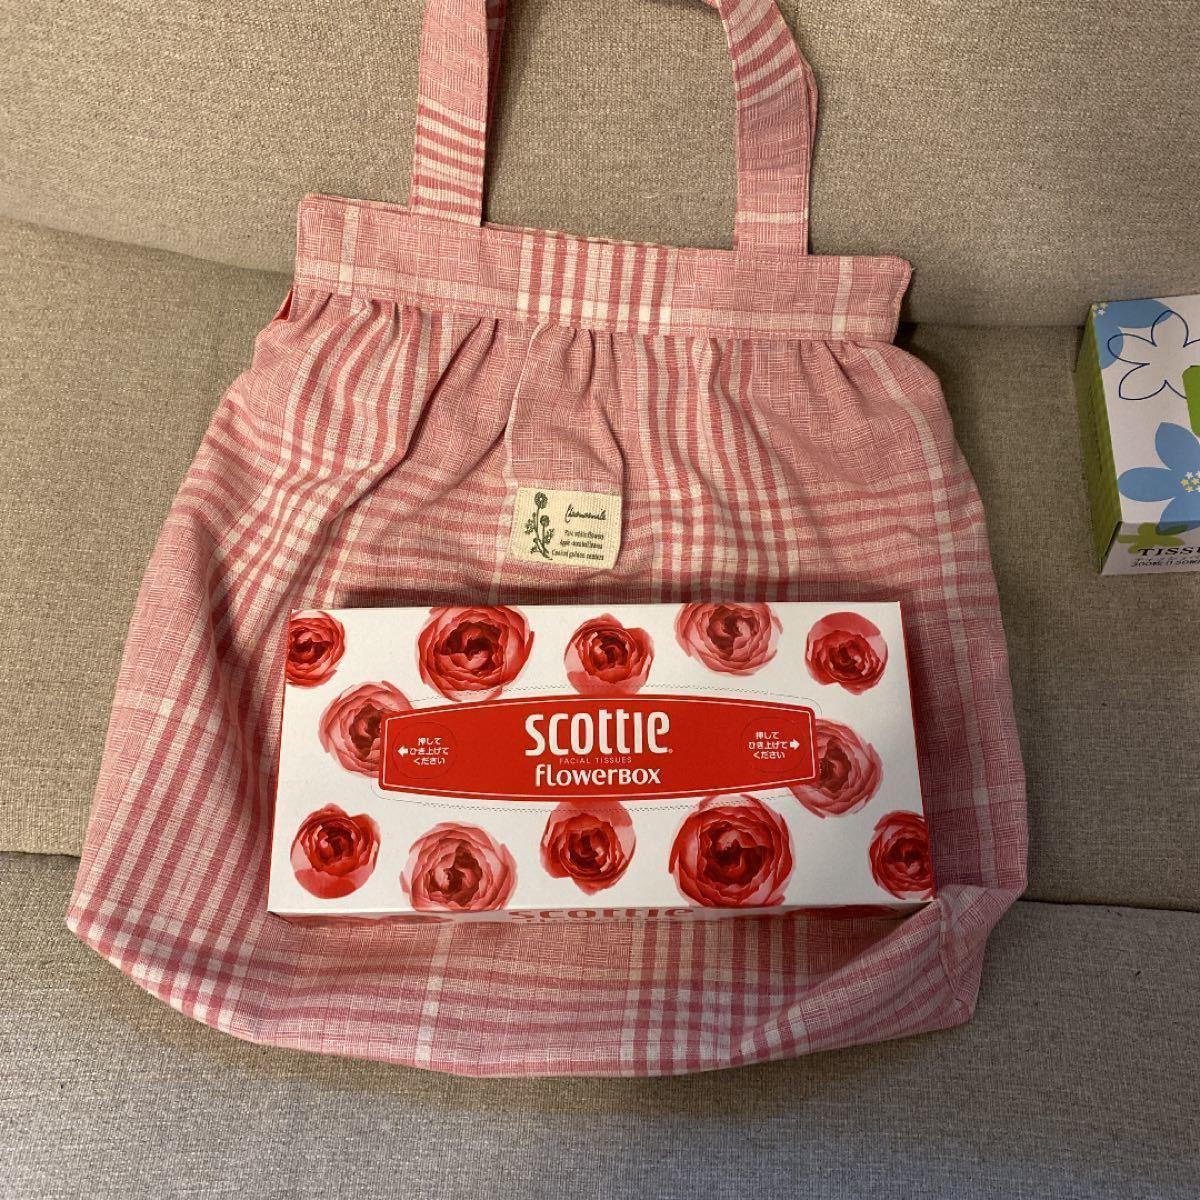 ハンドメイド ハンドバッグ  サブバッグ ミニトート 手提げバッグ ピンク